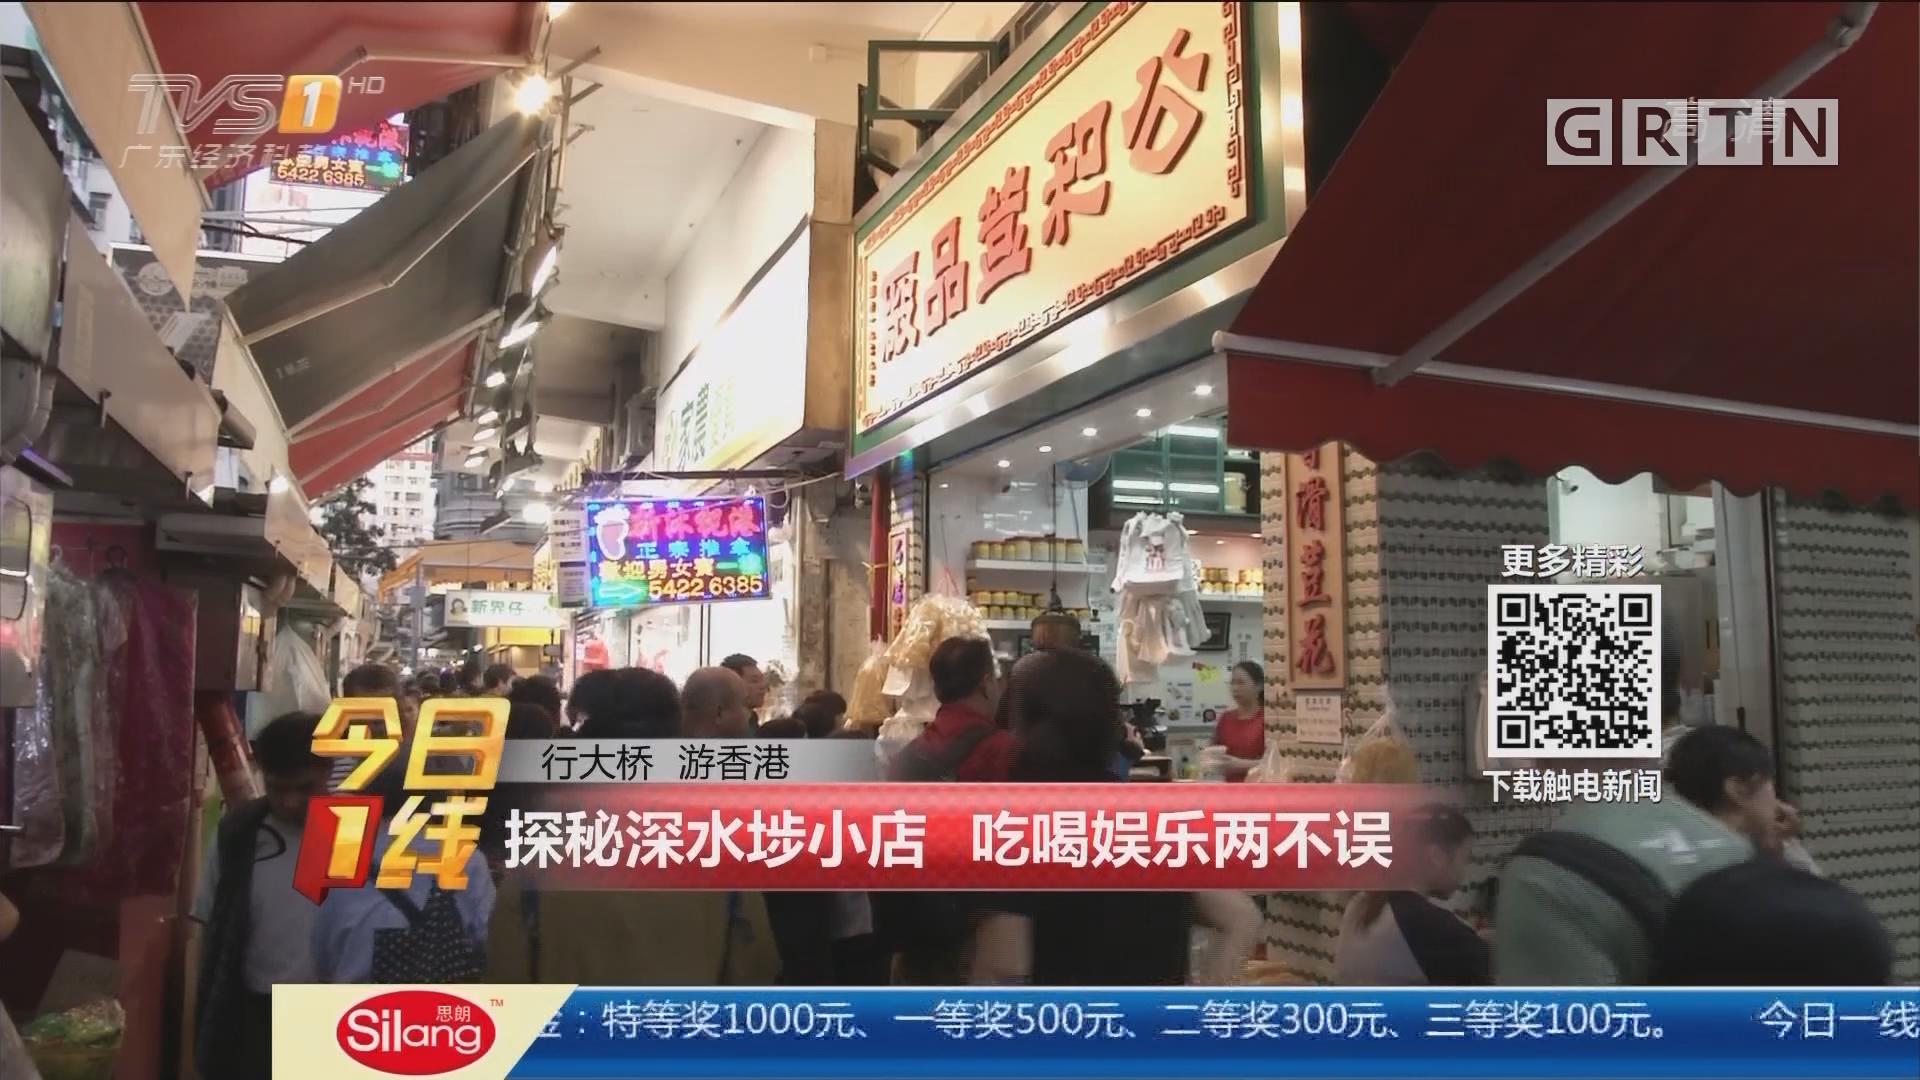 行大桥 游香港:探秘深水埗小店 吃喝娱乐两不误